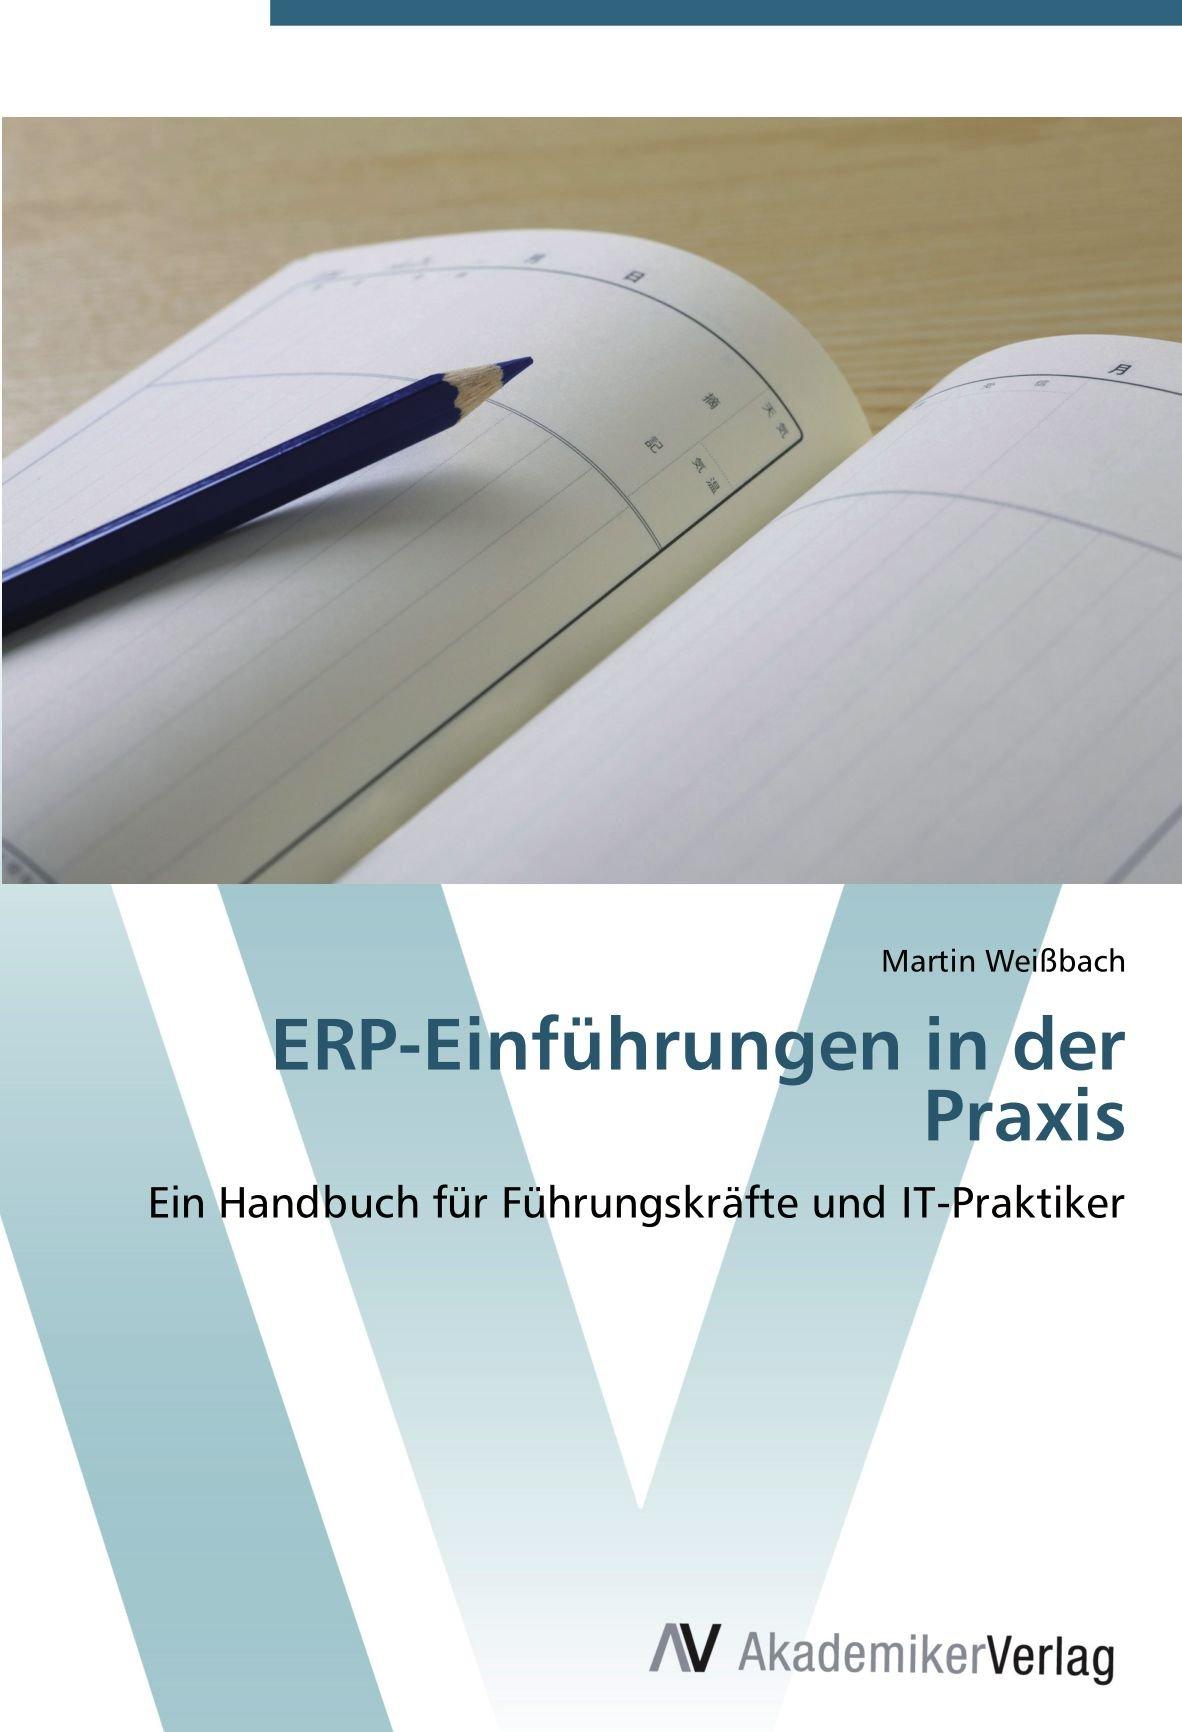 Download ERP-Einführungen in der Praxis: Ein Handbuch für Führungskräfte und IT-Praktiker (German Edition) ebook